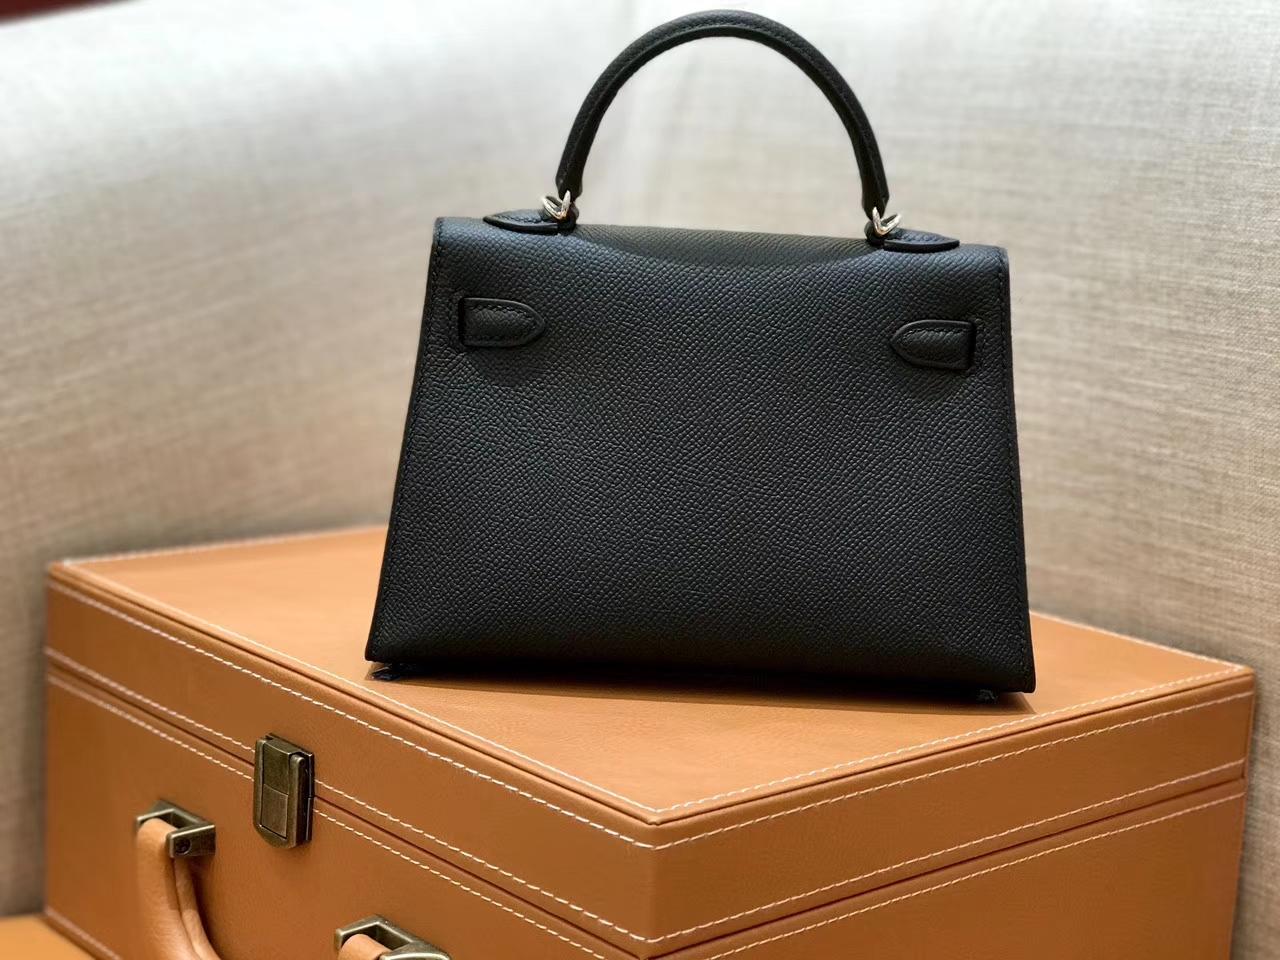 Hermès(爱马仕)mini Kelly 经典黑 银扣 德国进口掌纹皮 全手工缝制